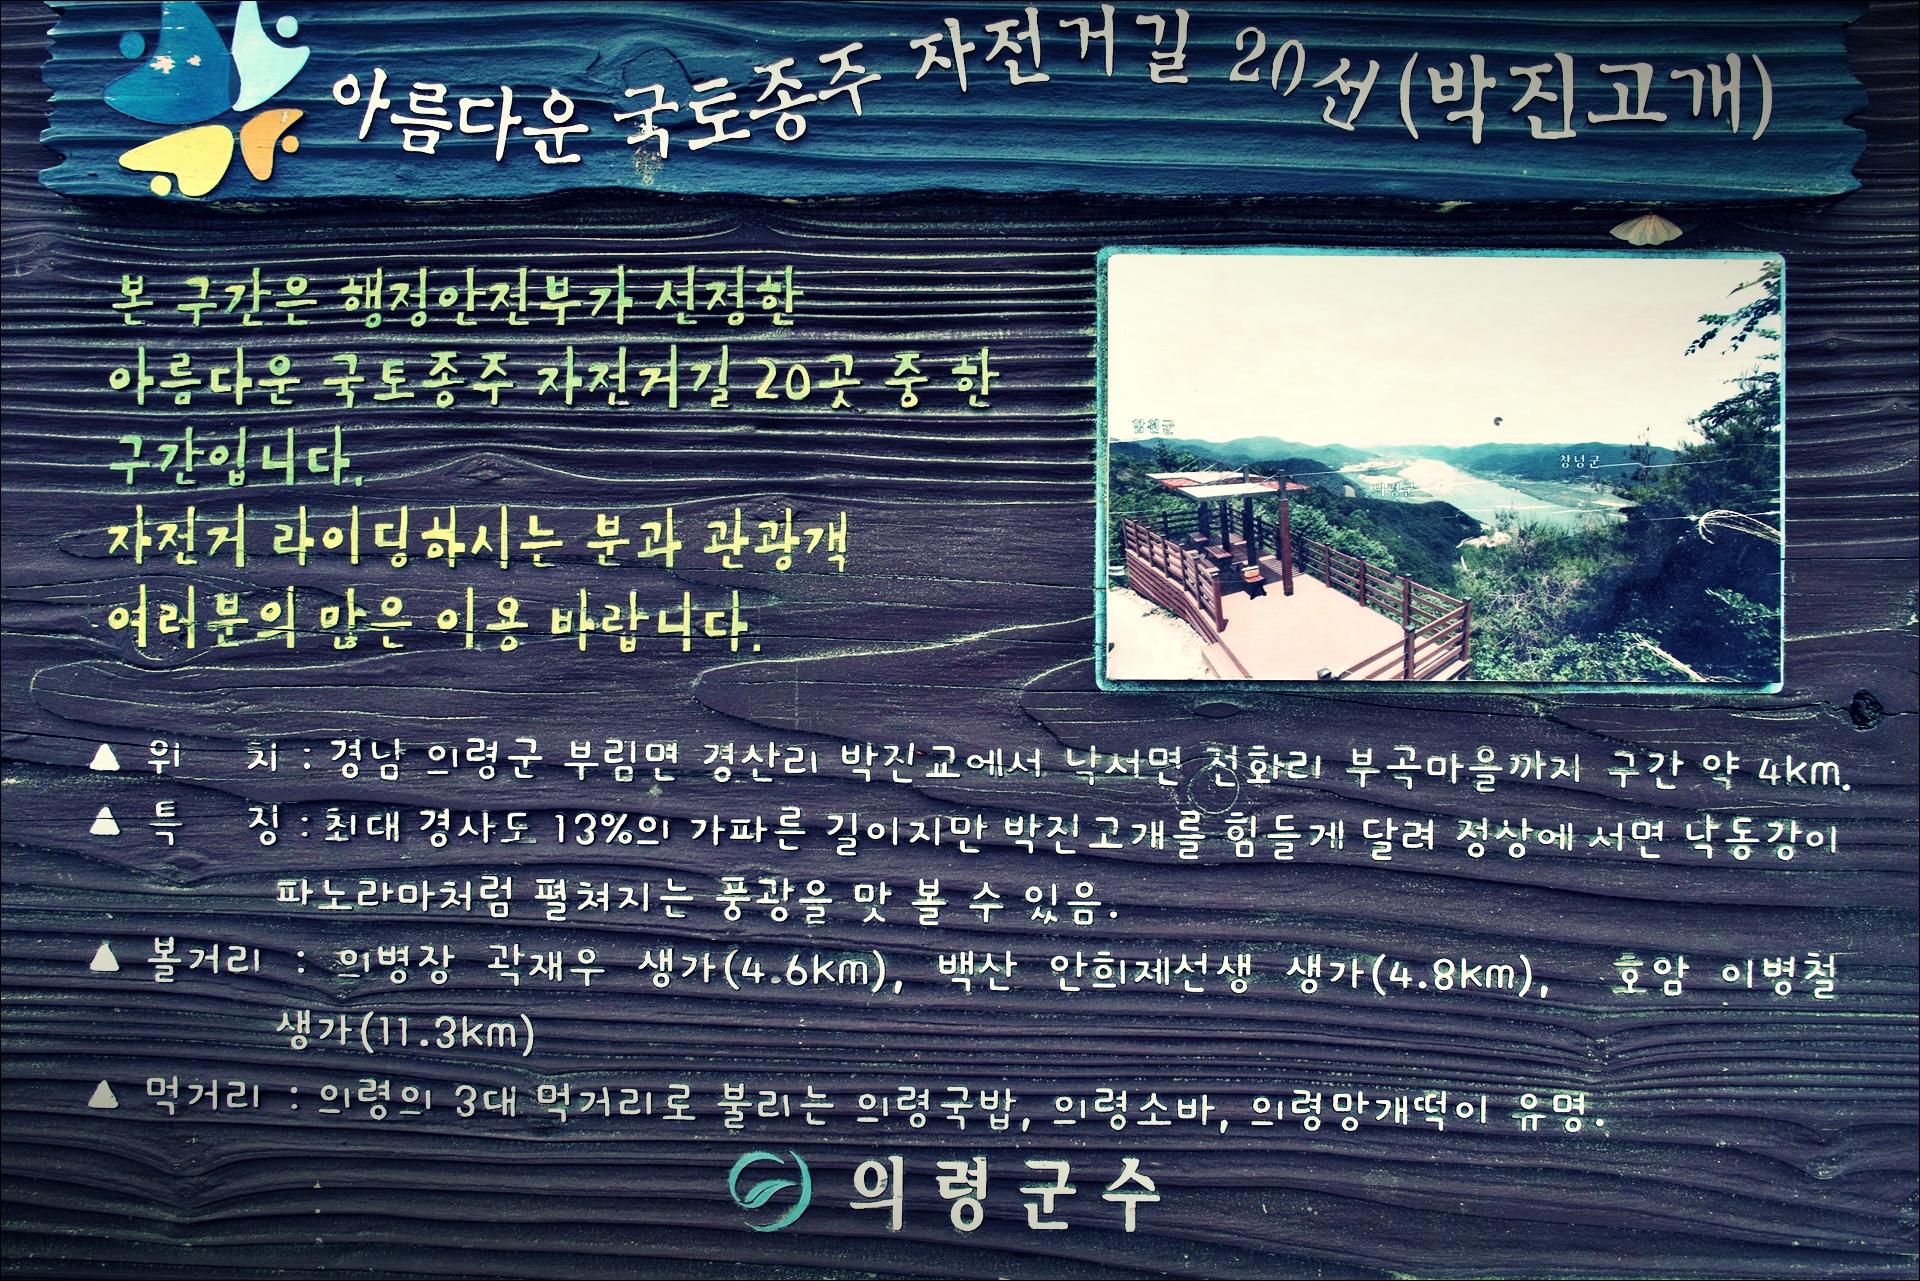 박진고개-'낙동강 자전거 종주여행'